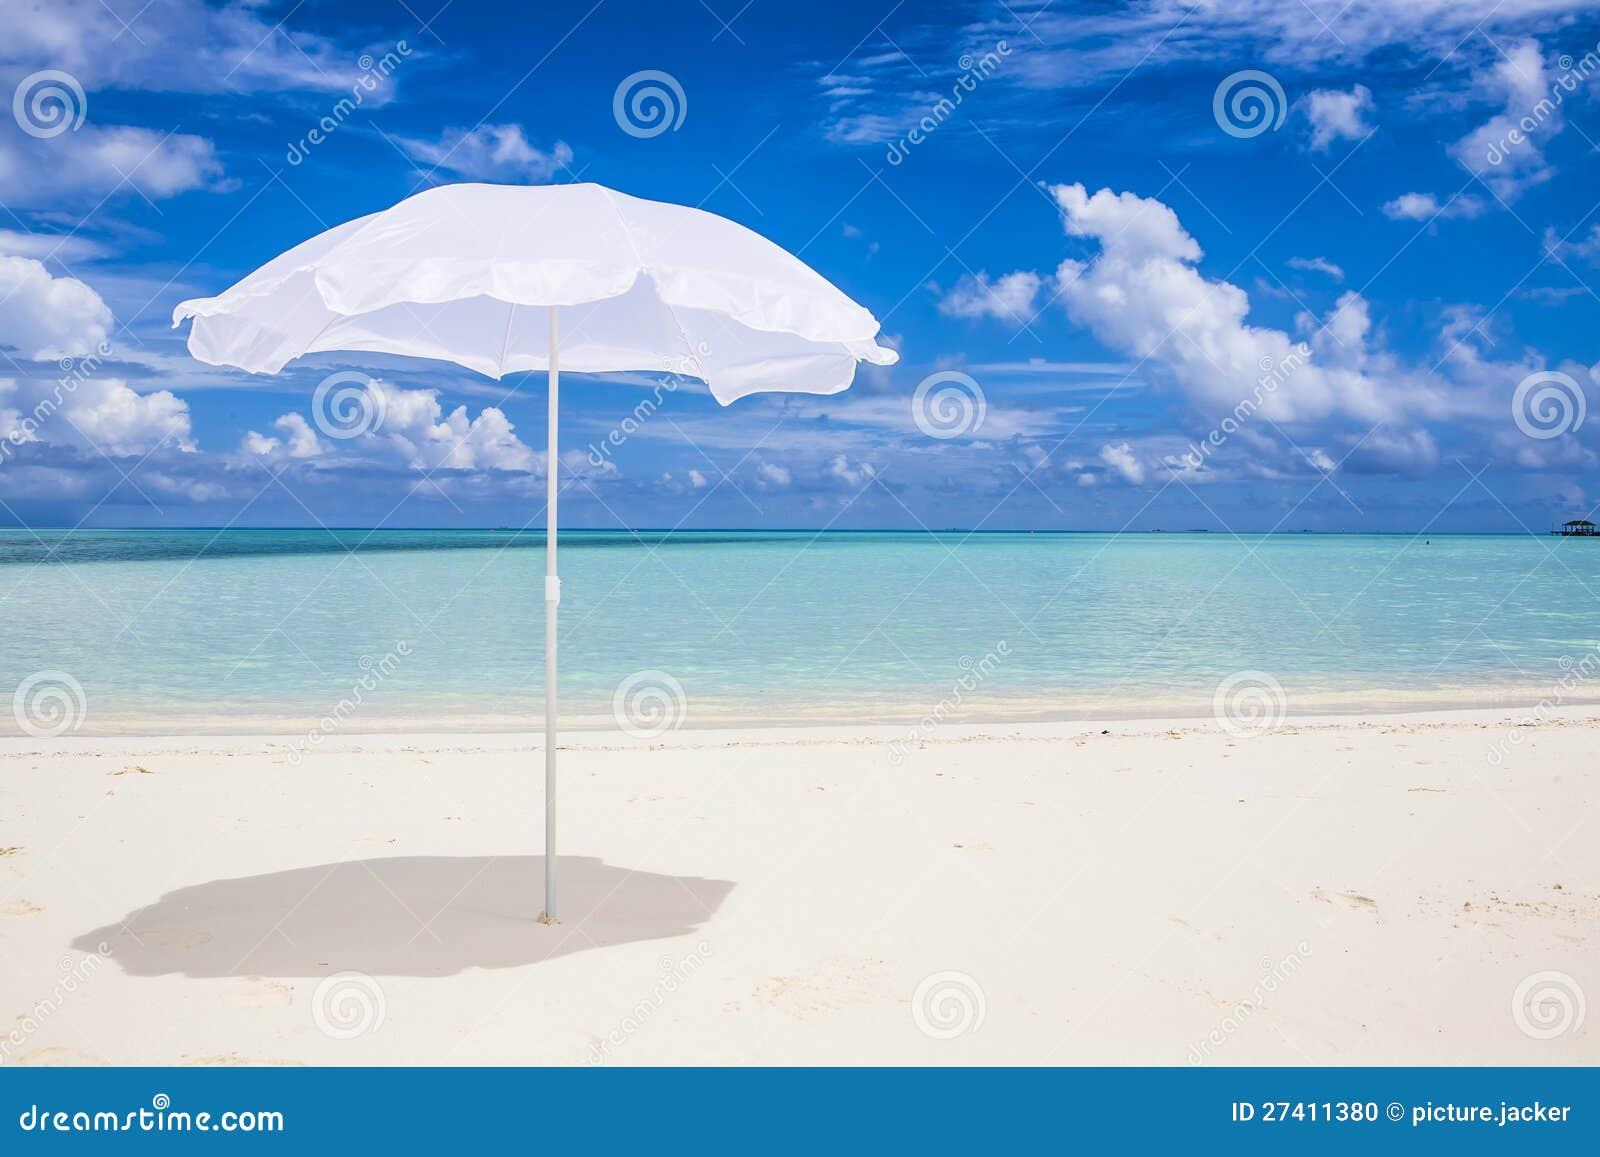 Sombrilla blanca en la playa foto de archivo imagen de - Sombrilla playa ...